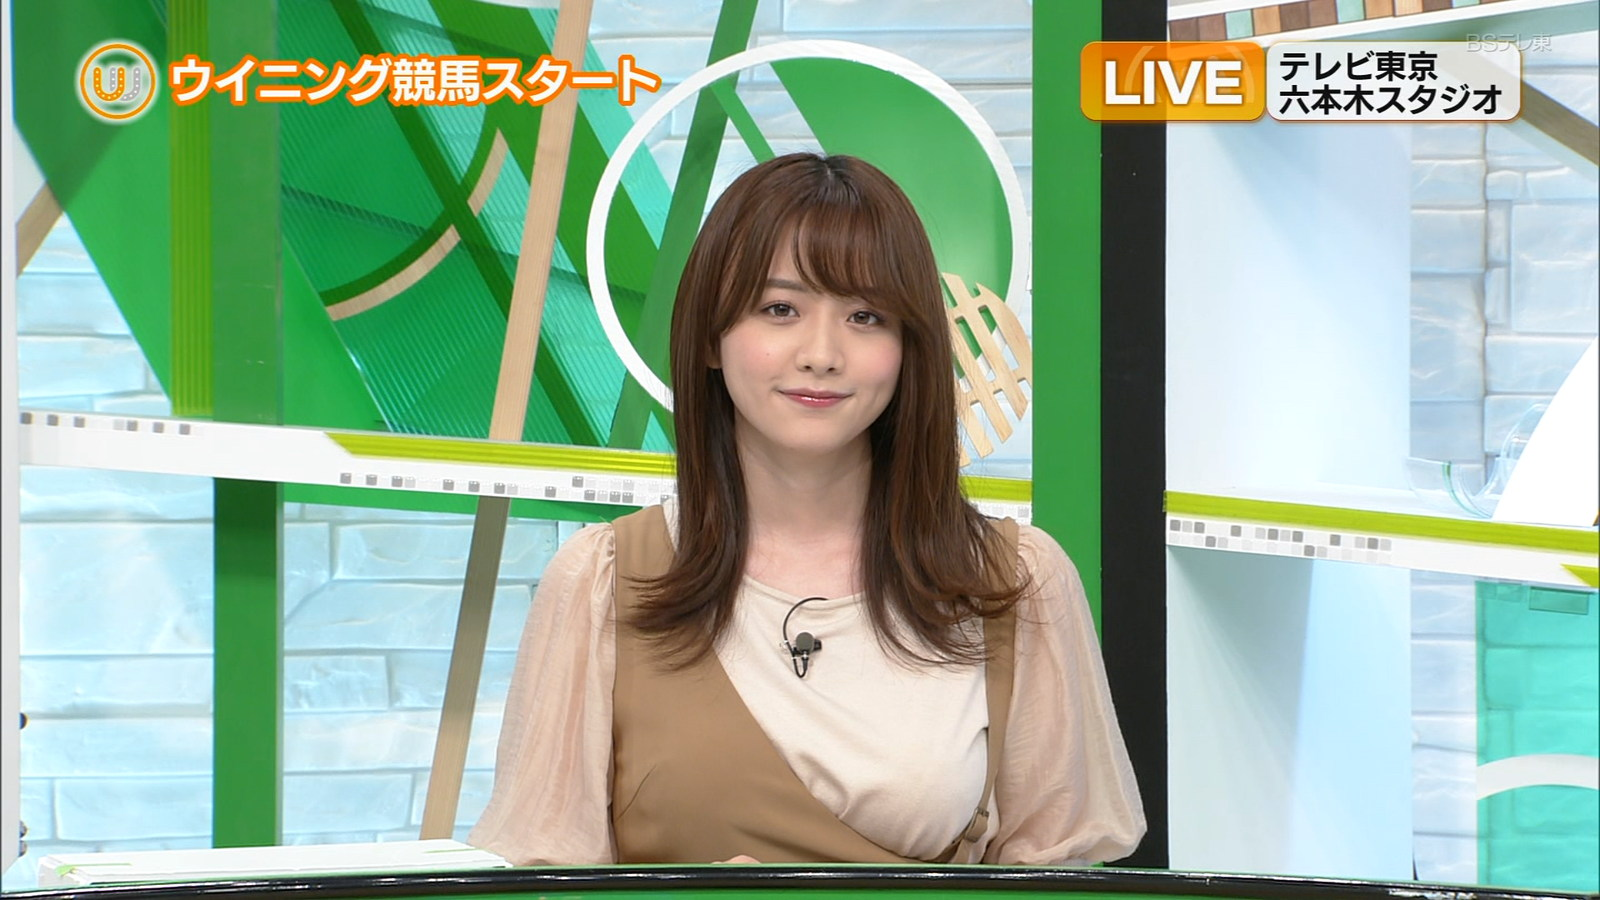 【画像】女子アナ、片乳出してTV出演してしまうw